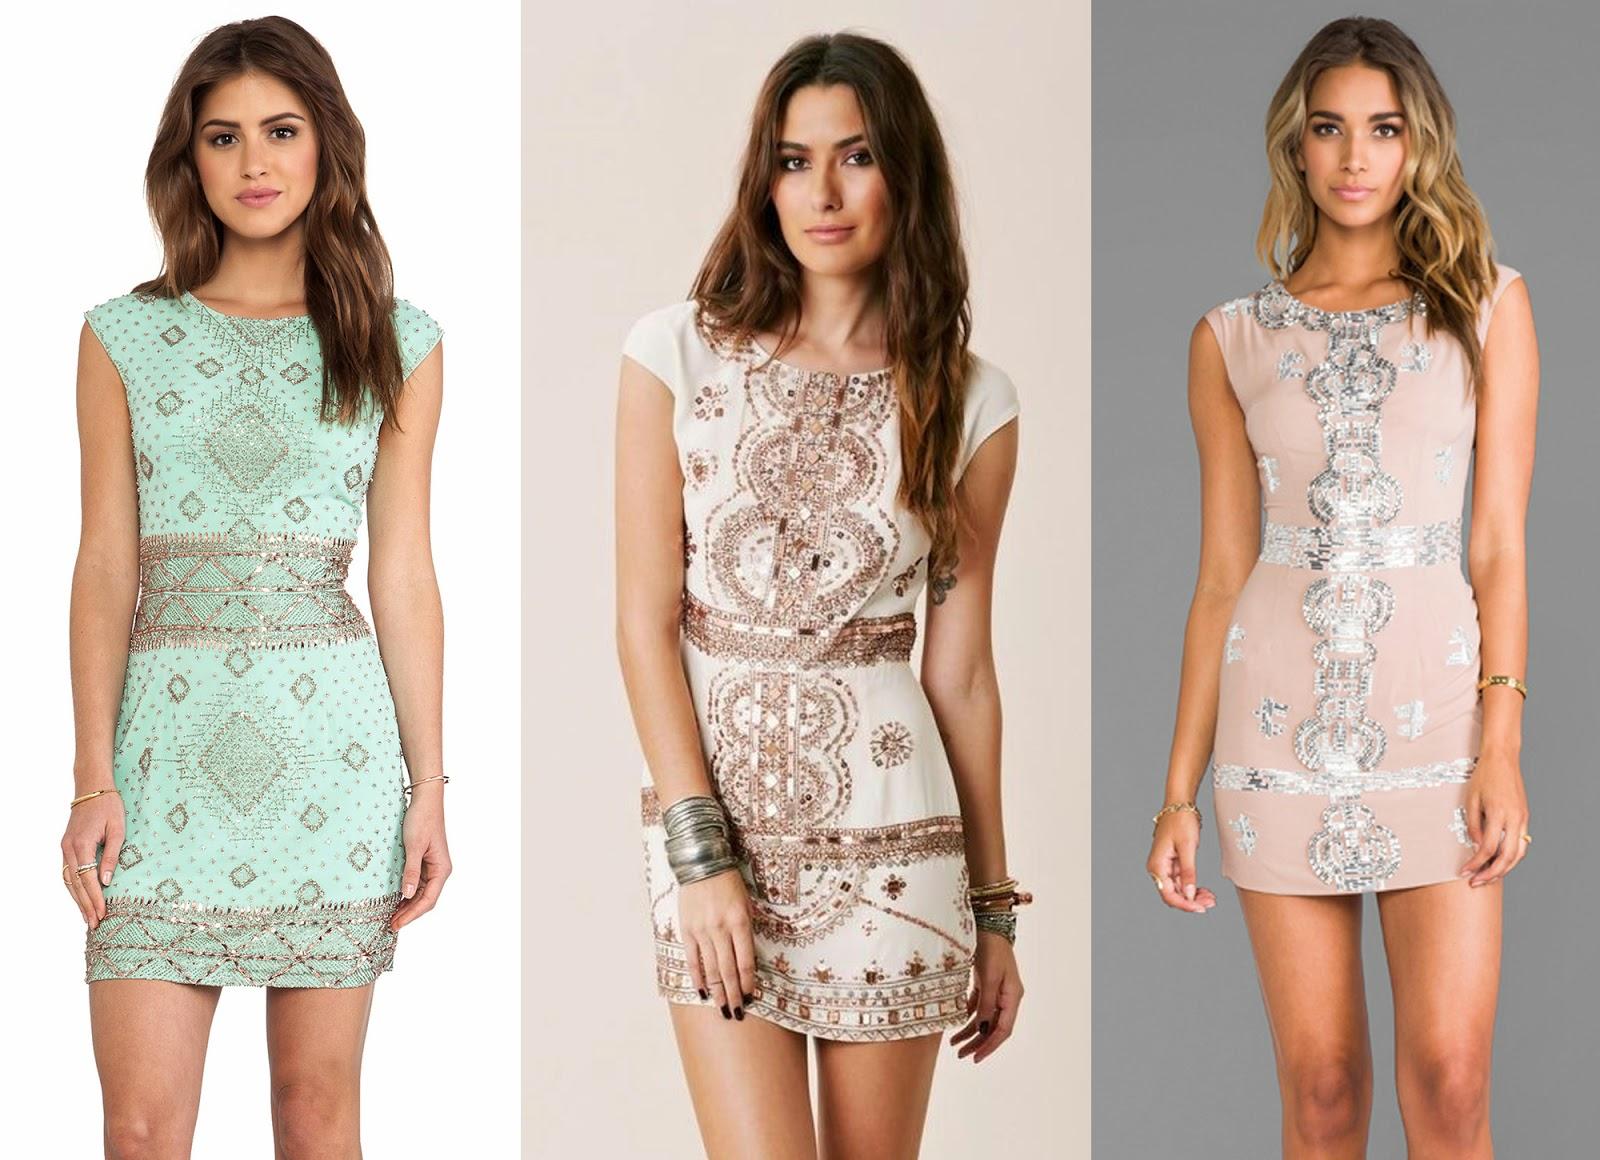 bc4f6209682 ... de roupas femininas. A empresa produz principalmente vestidos